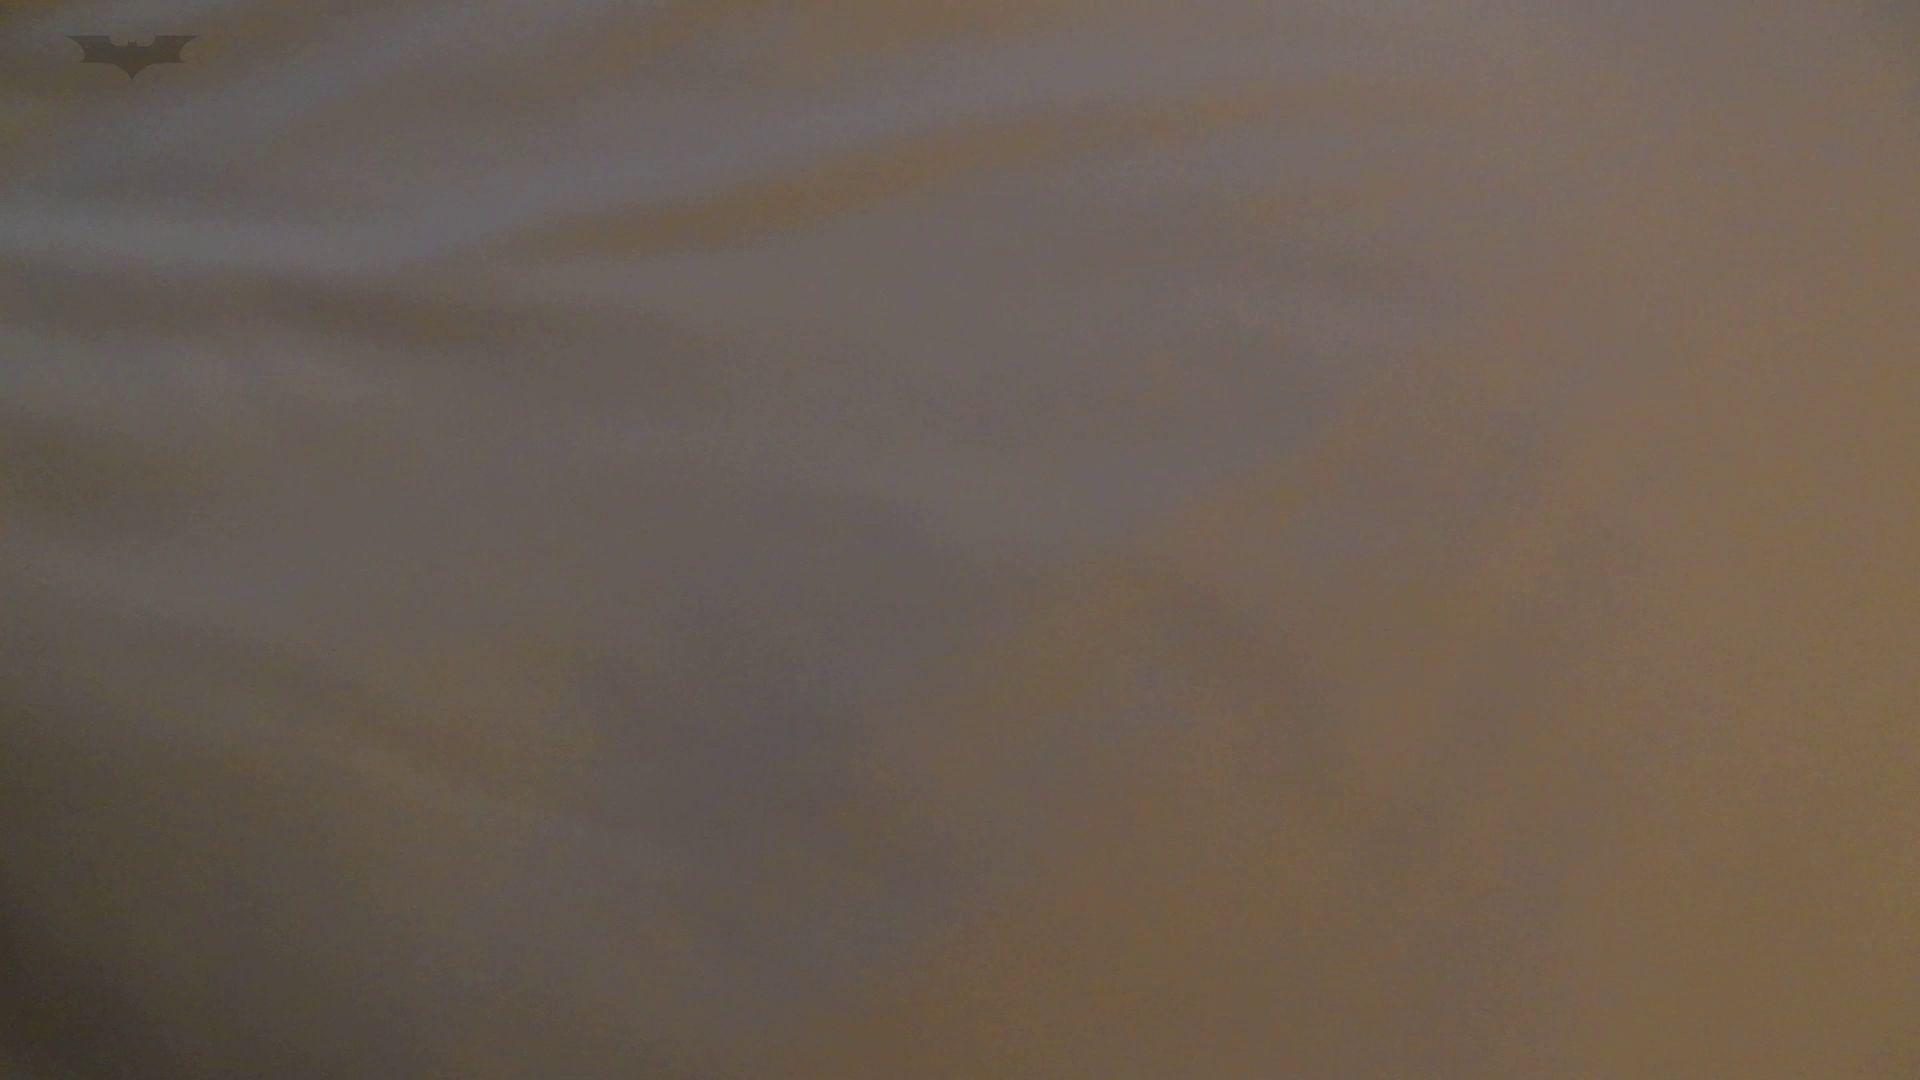 ヒトニアラヅNo.03 実行 ギャル・コレクション | 覗き  98連発 2